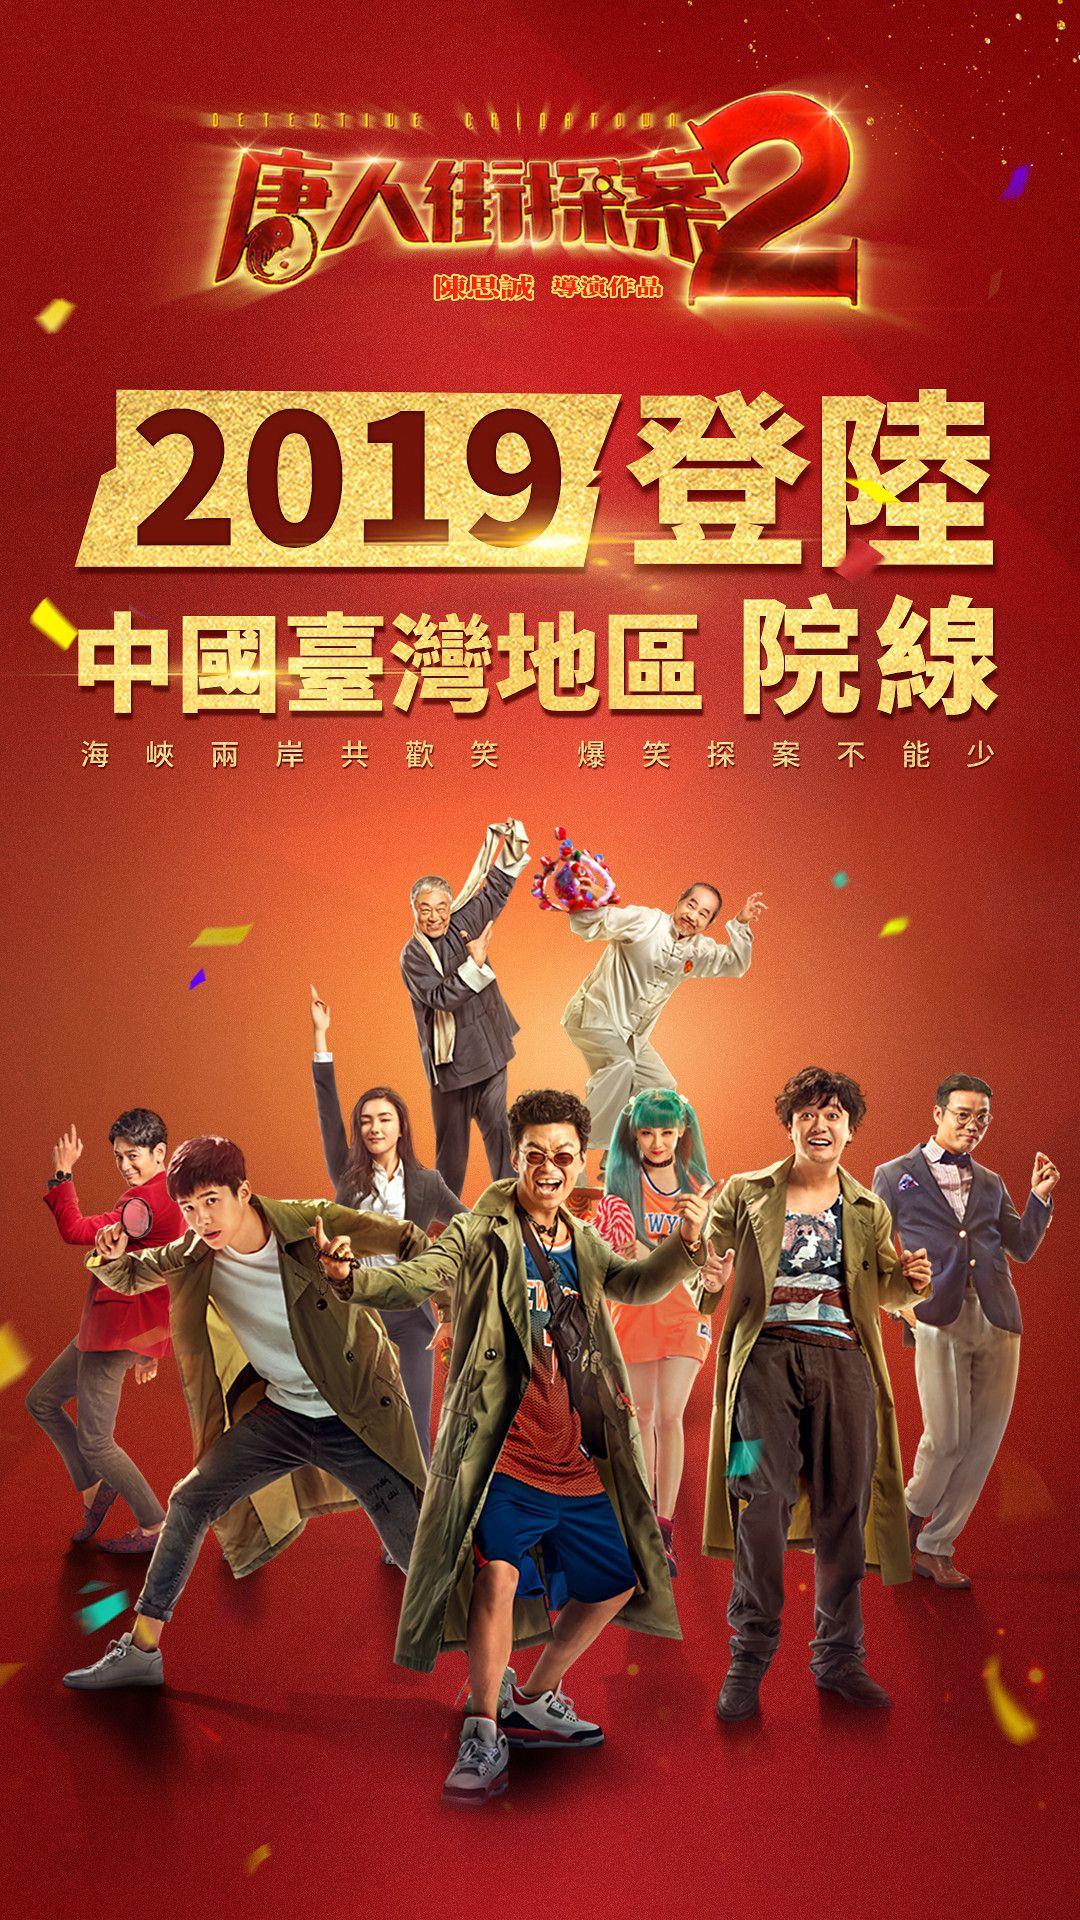 《唐人街探案2》2019登陆中国台湾院线,海峡两岸共欢笑电影新闻